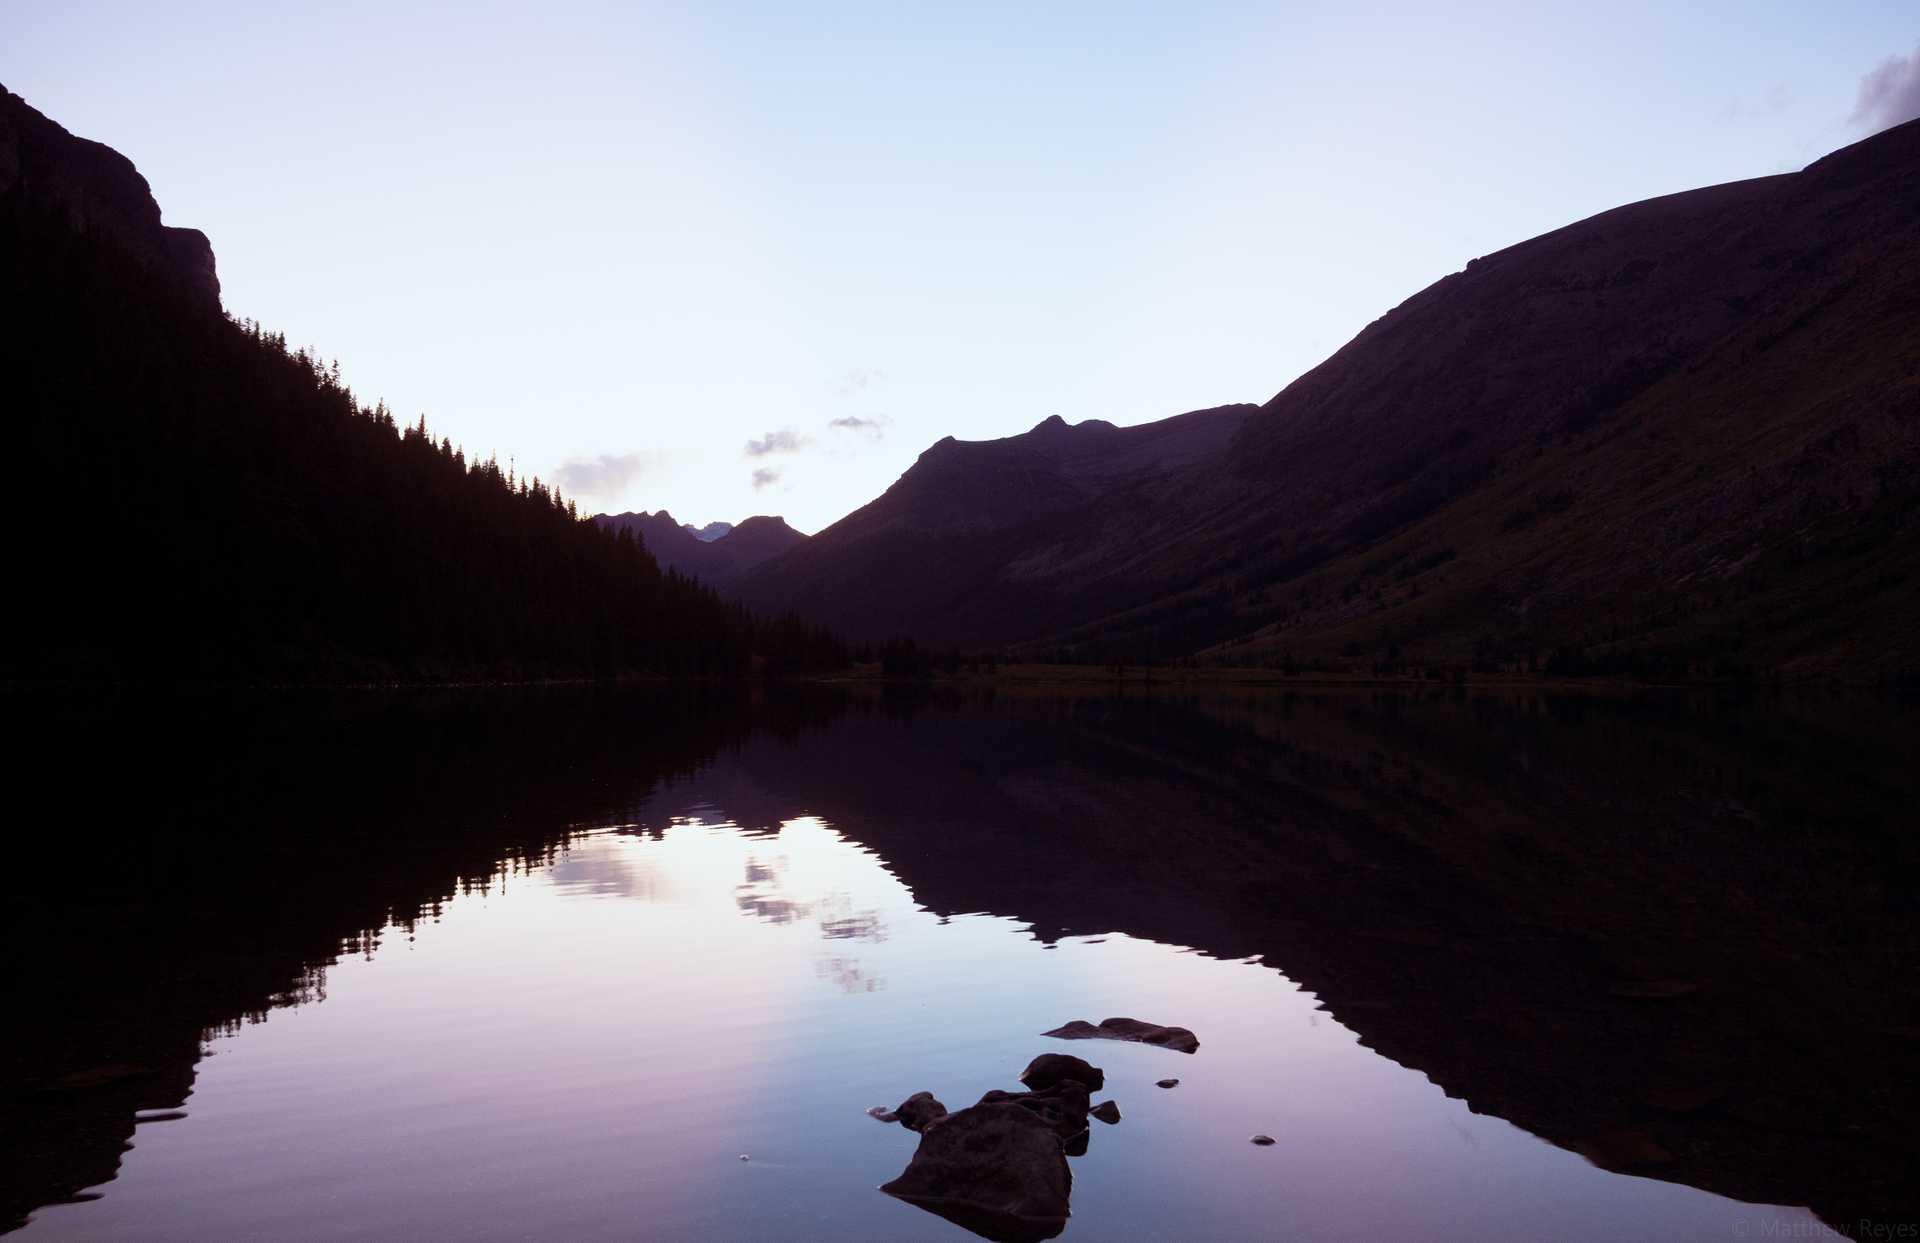 Dualtone_Sunset.jpg